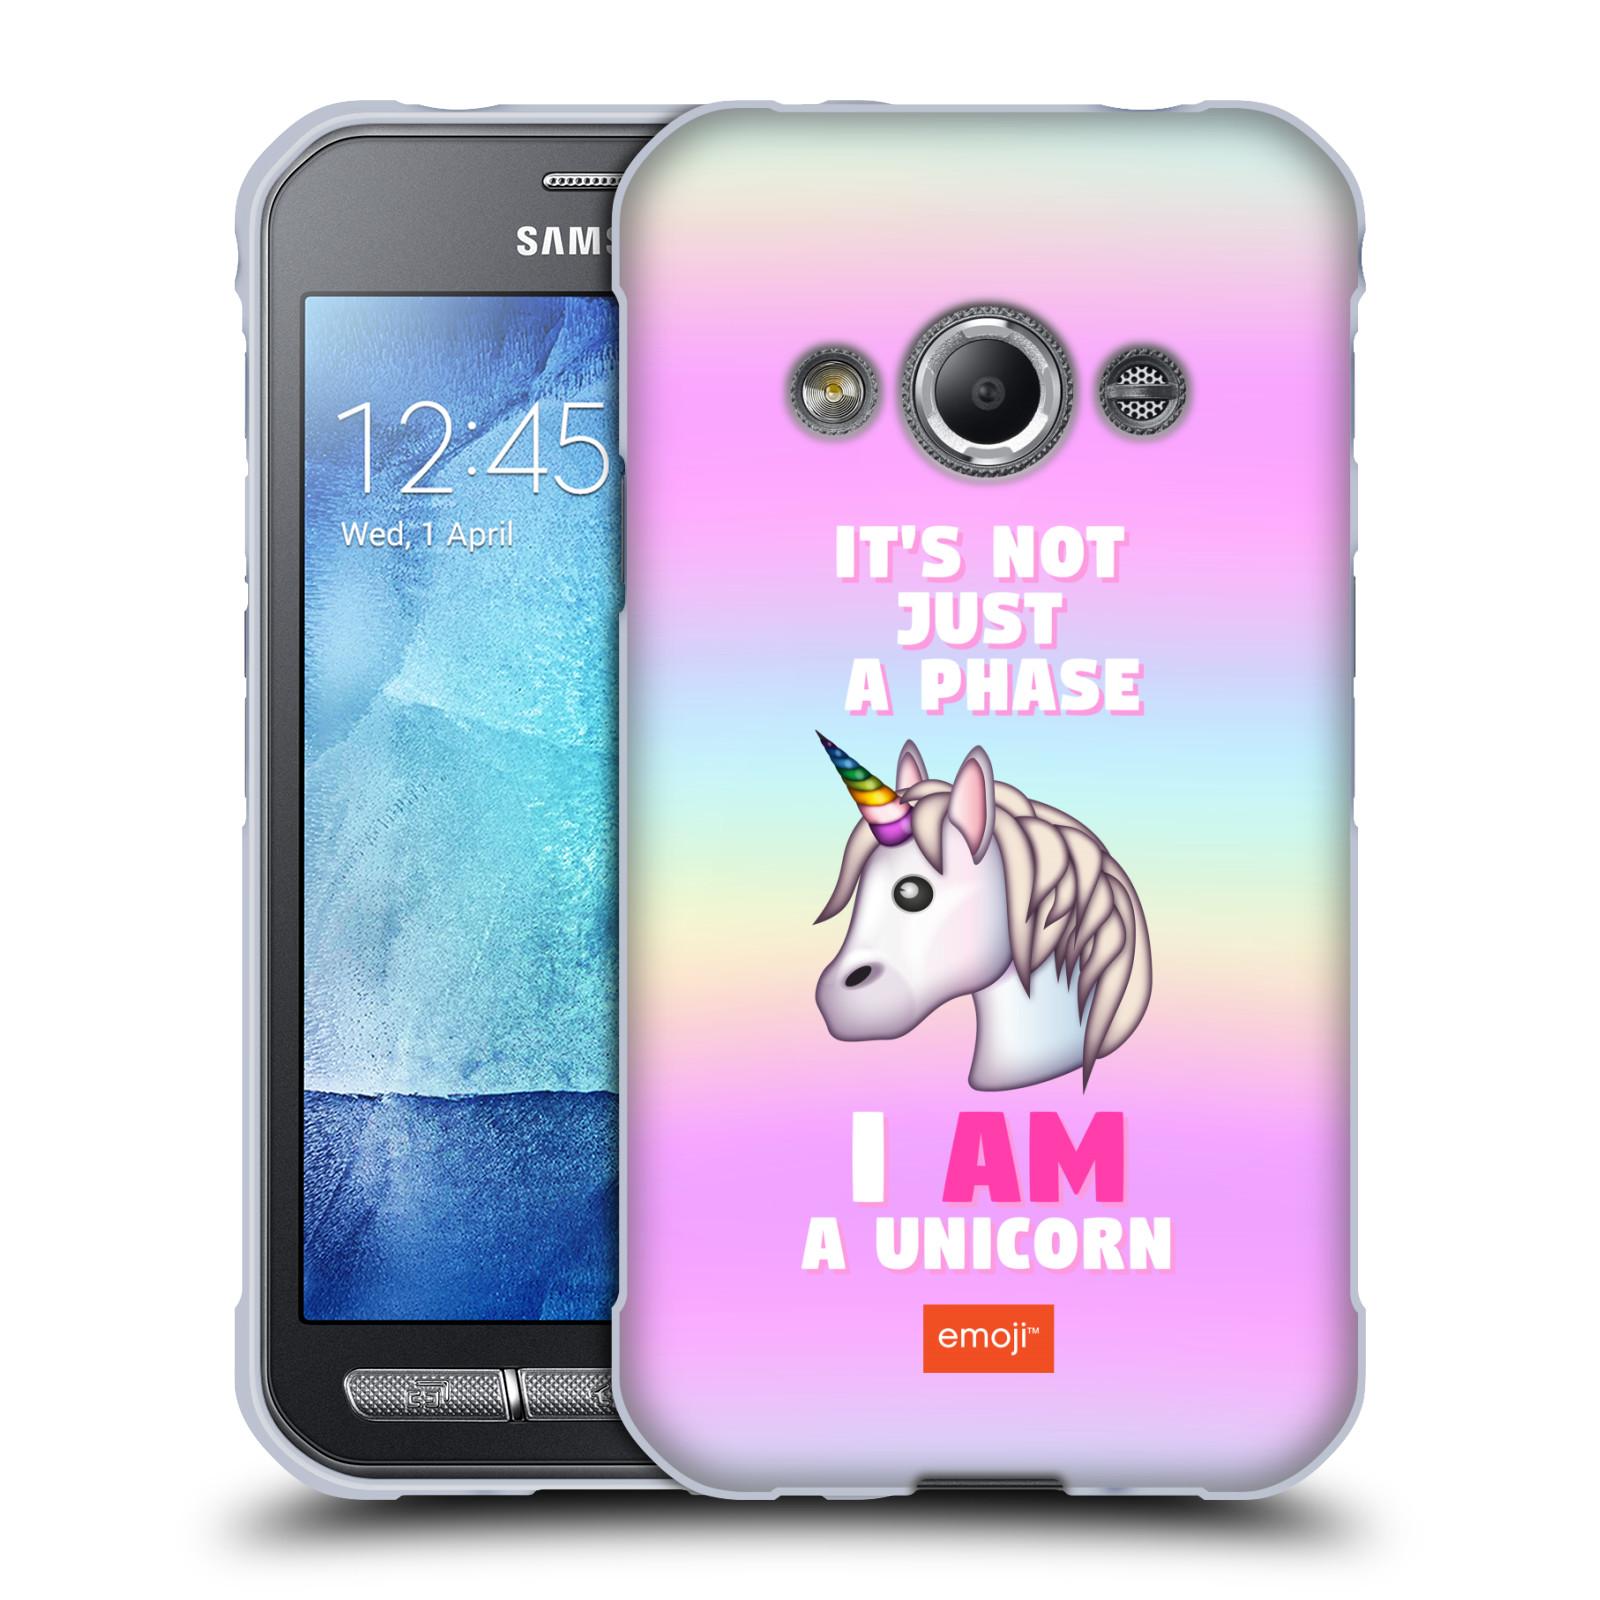 HEAD CASE silikonový obal na mobil Samsung Galaxy Xcover 3 smajlíci  oficiální kryt EMOJI vzor jednorožec růžová I AM UNICORN b30256098a4